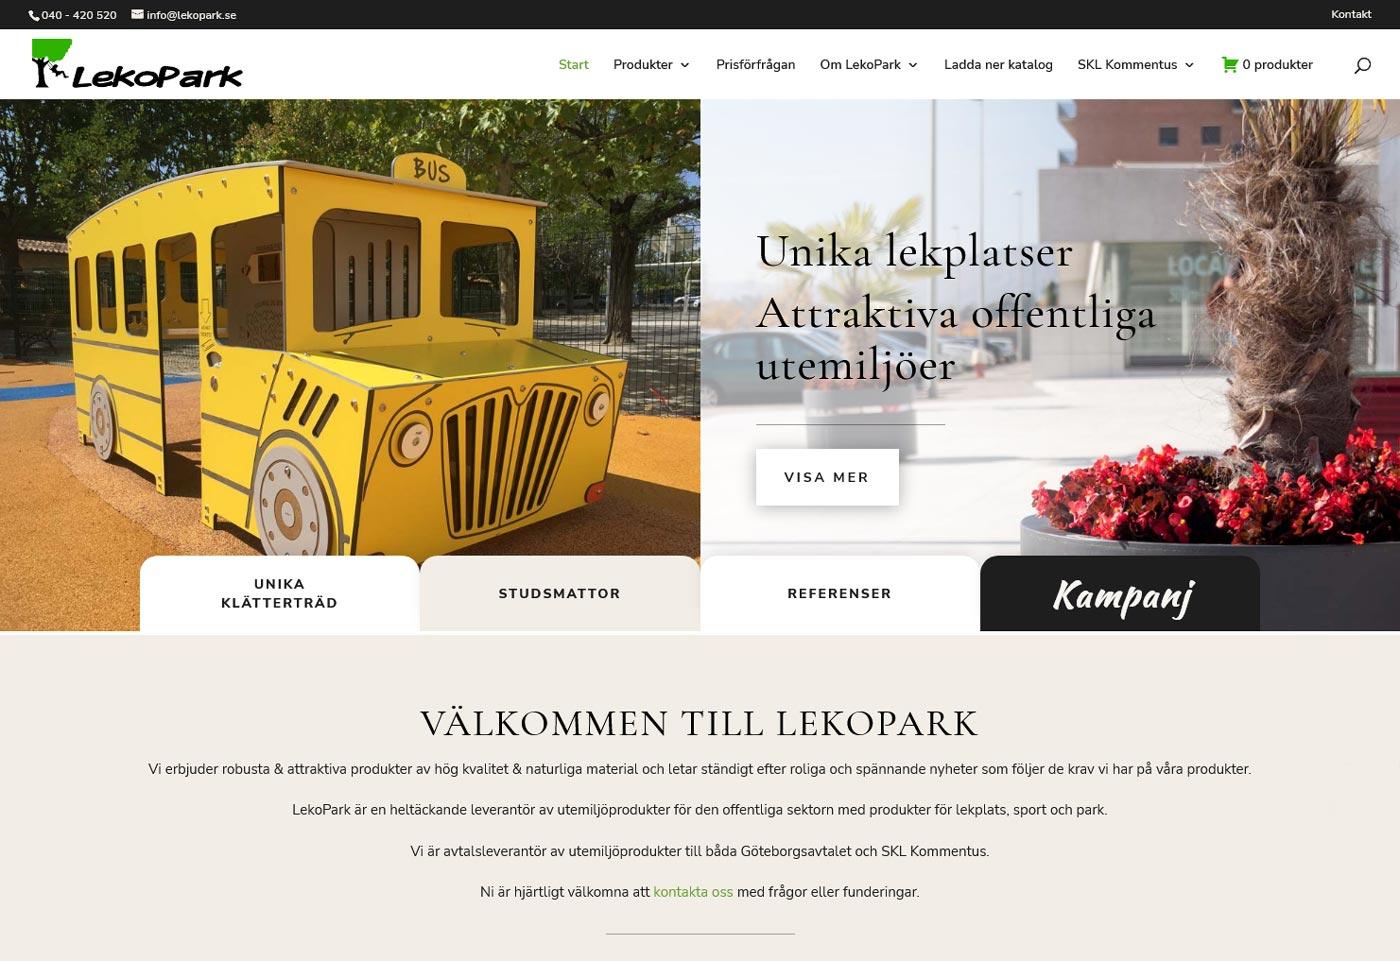 Hemsida - som en katalog med produkter, AS webstudio